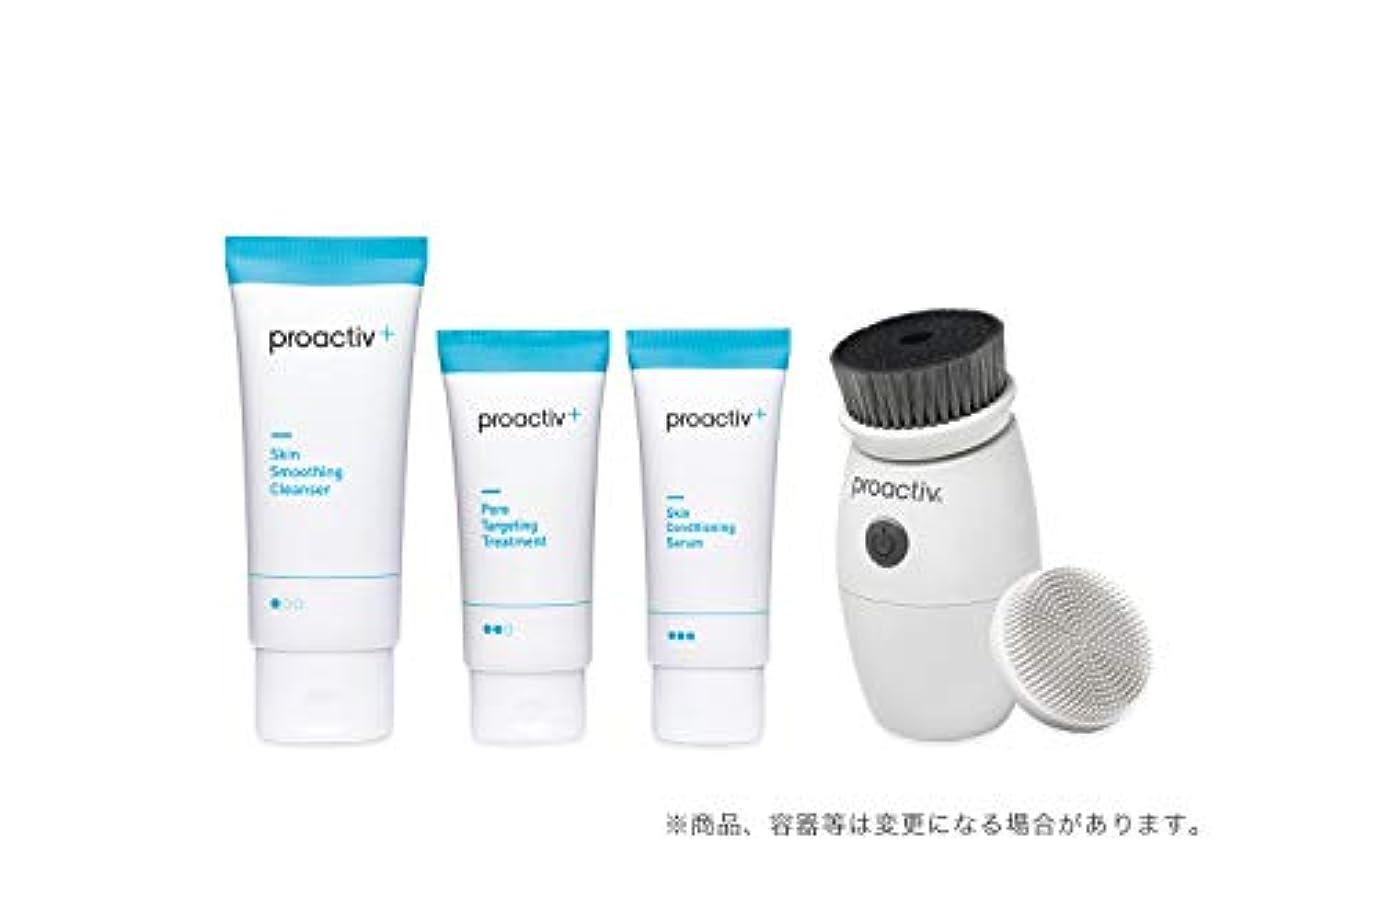 時代成人期達成プロアクティブ+ Proactiv+ 薬用3ステップセット (30日セット) ポアクレンジング電動洗顔ブラシ(シリコンブラシ付) プレゼント 公式ガイド付